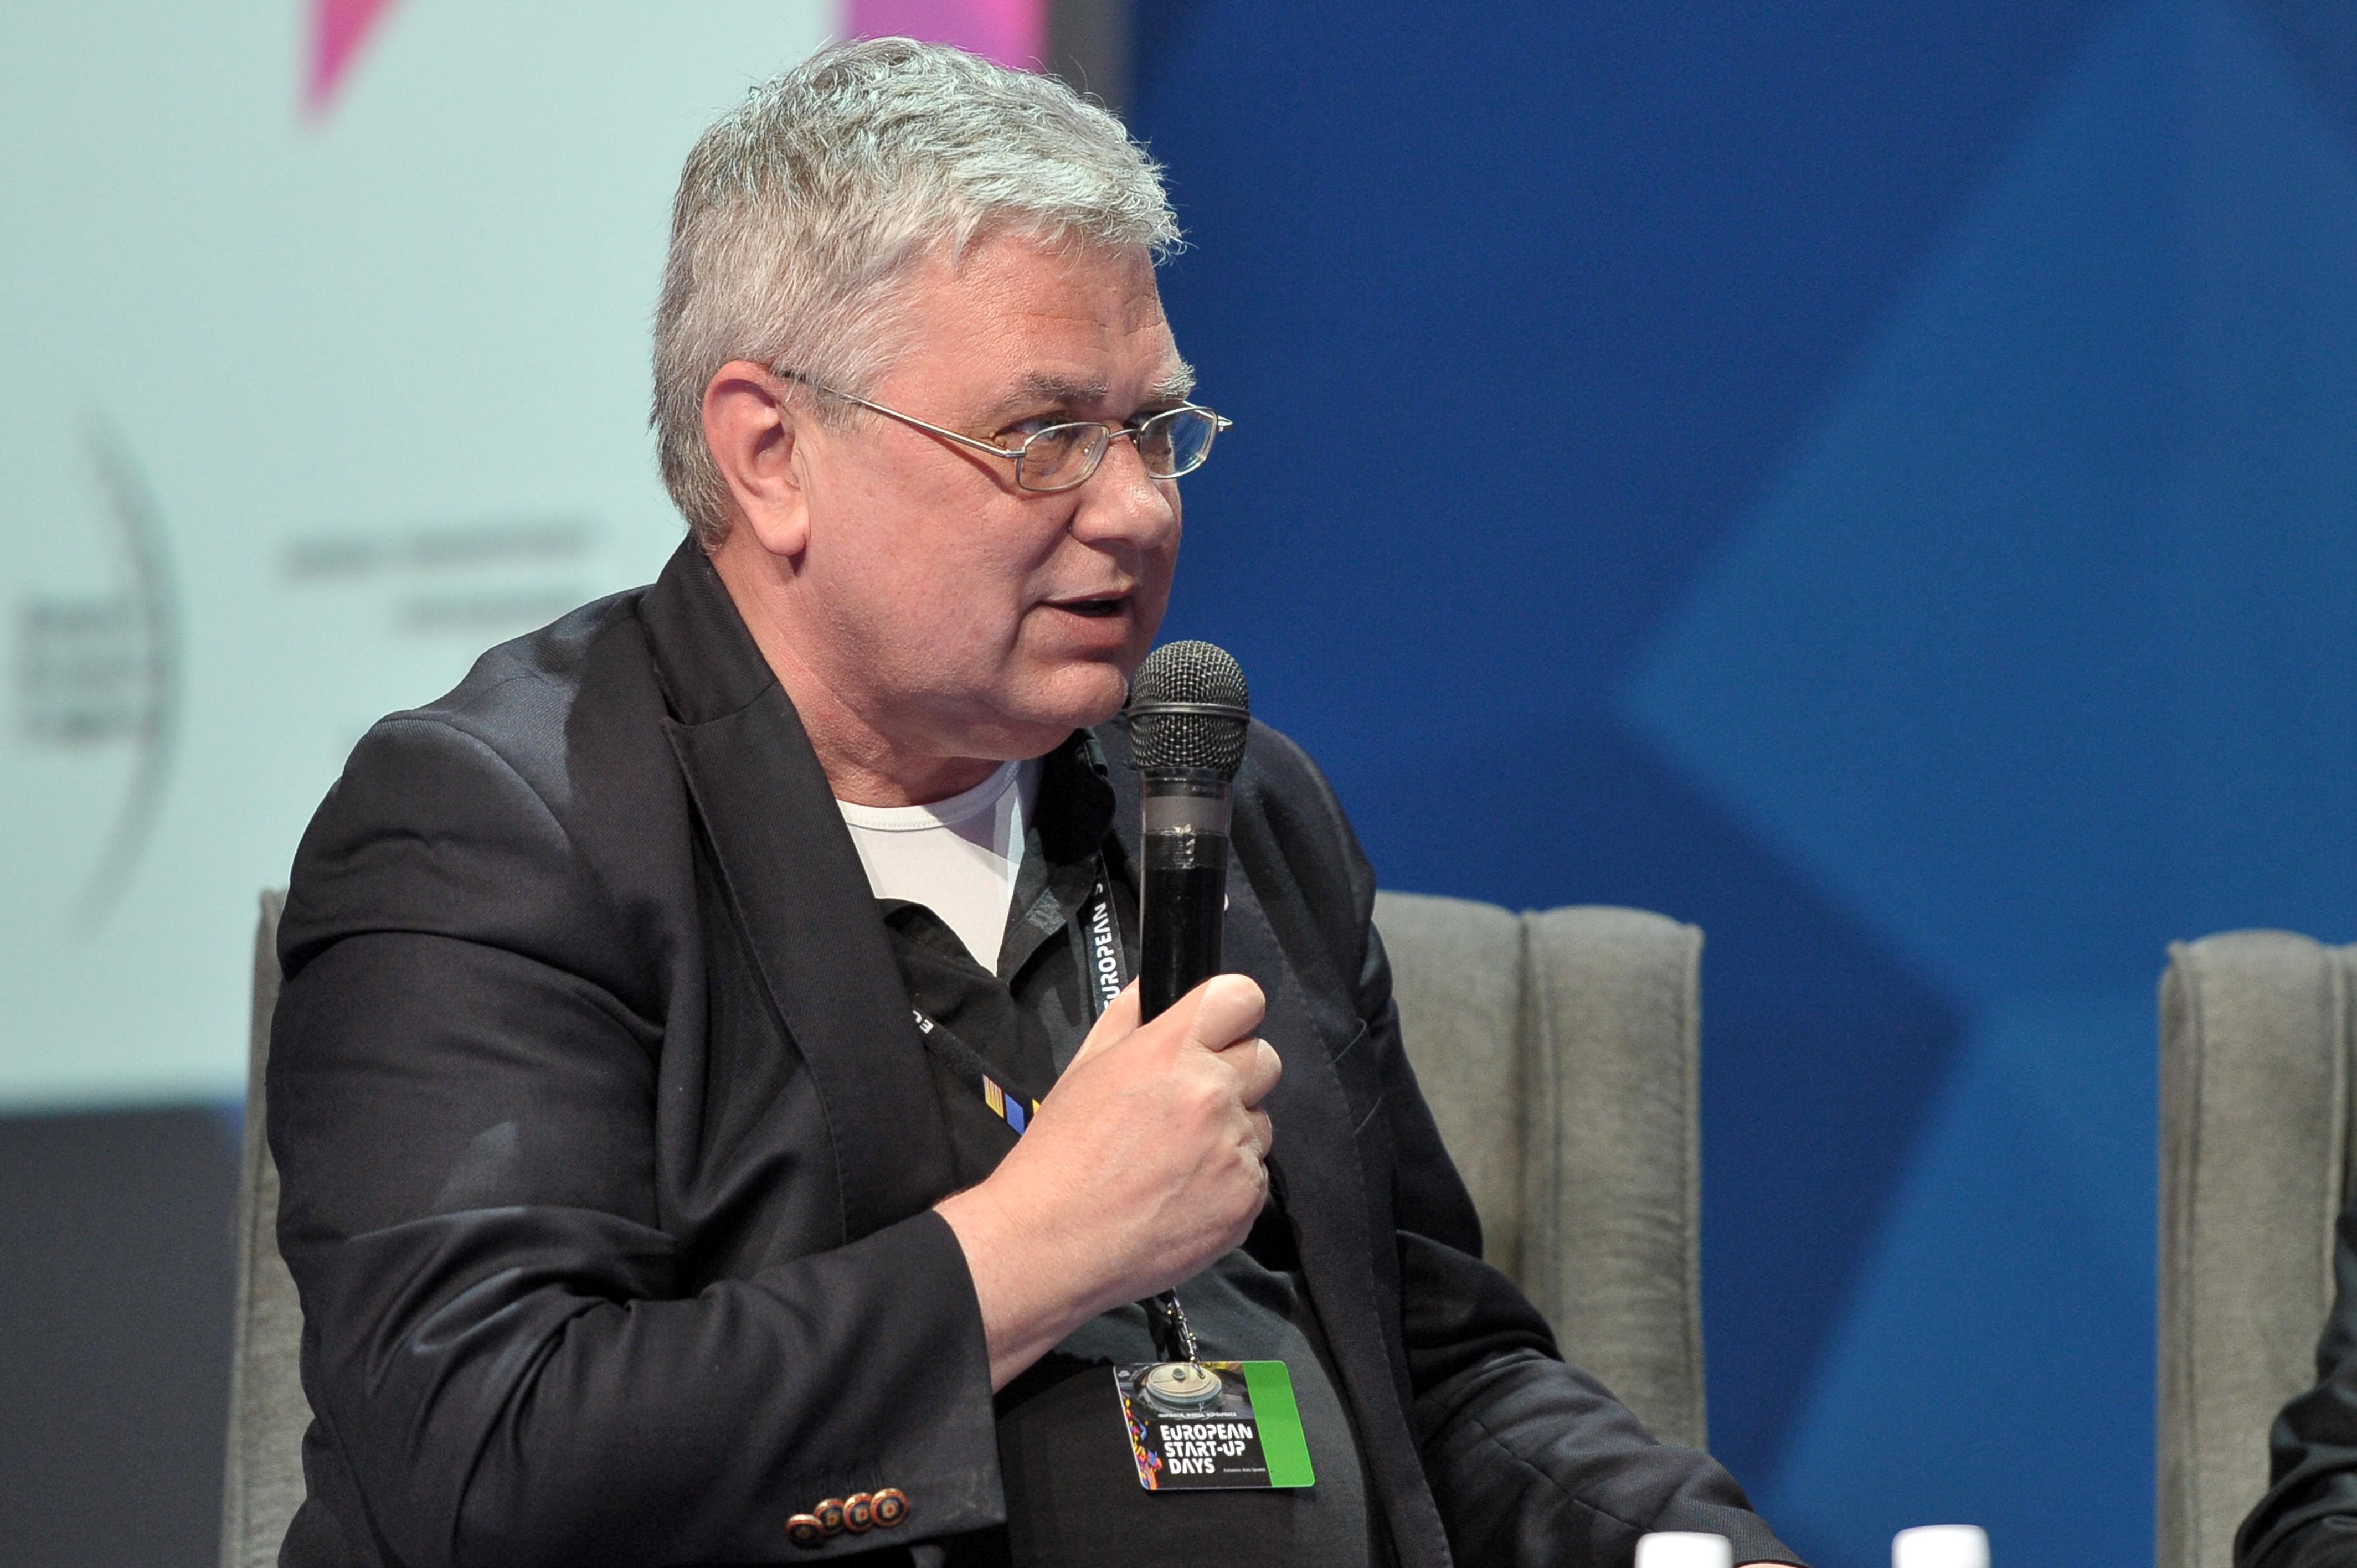 Debatę poprowadził Grzegorz Kiszluk, redaktor naczelny magazynu